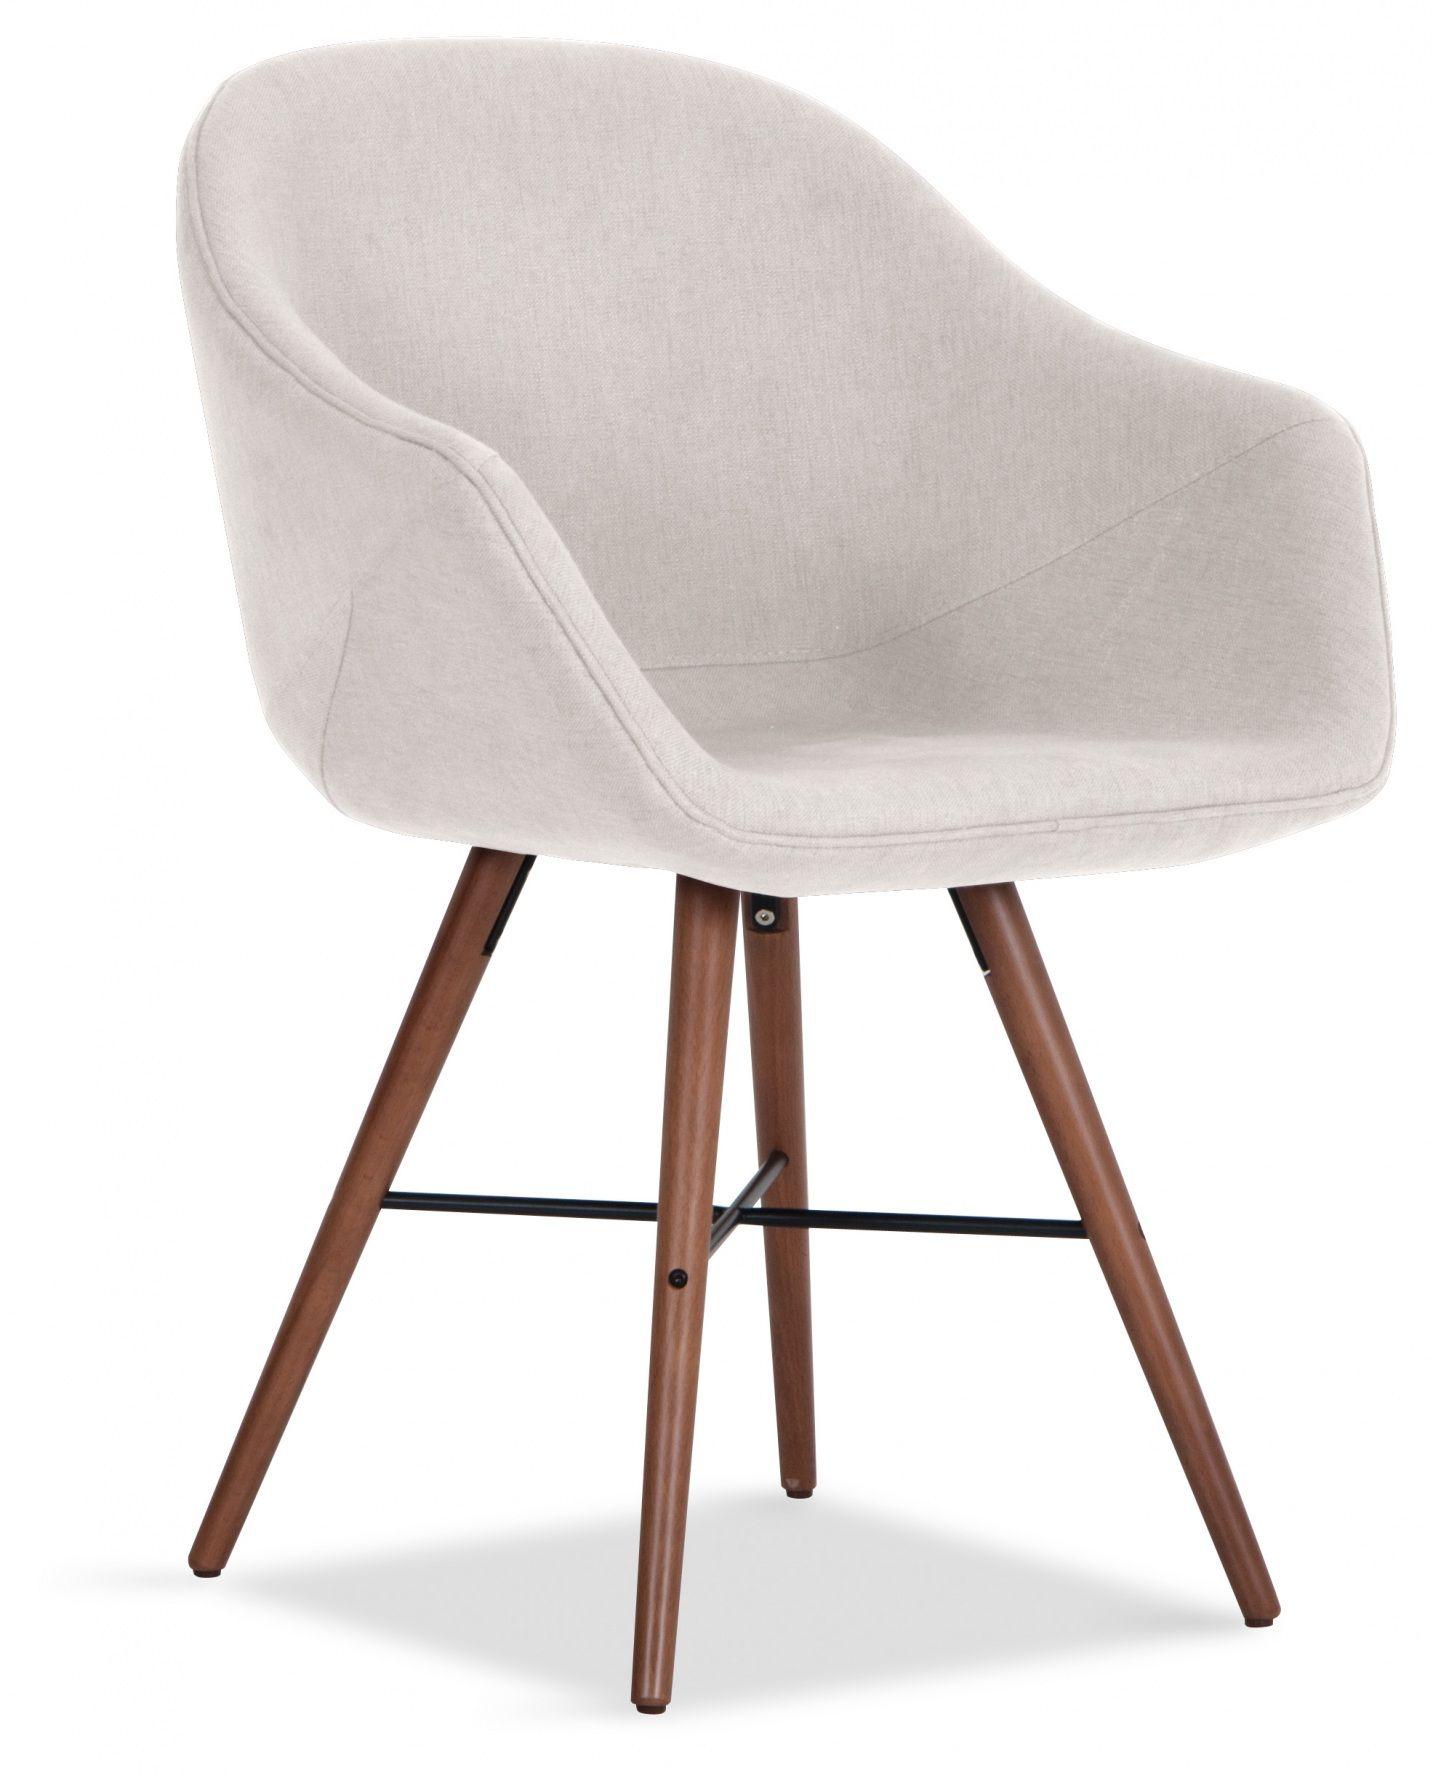 d pinterest. Black Bedroom Furniture Sets. Home Design Ideas